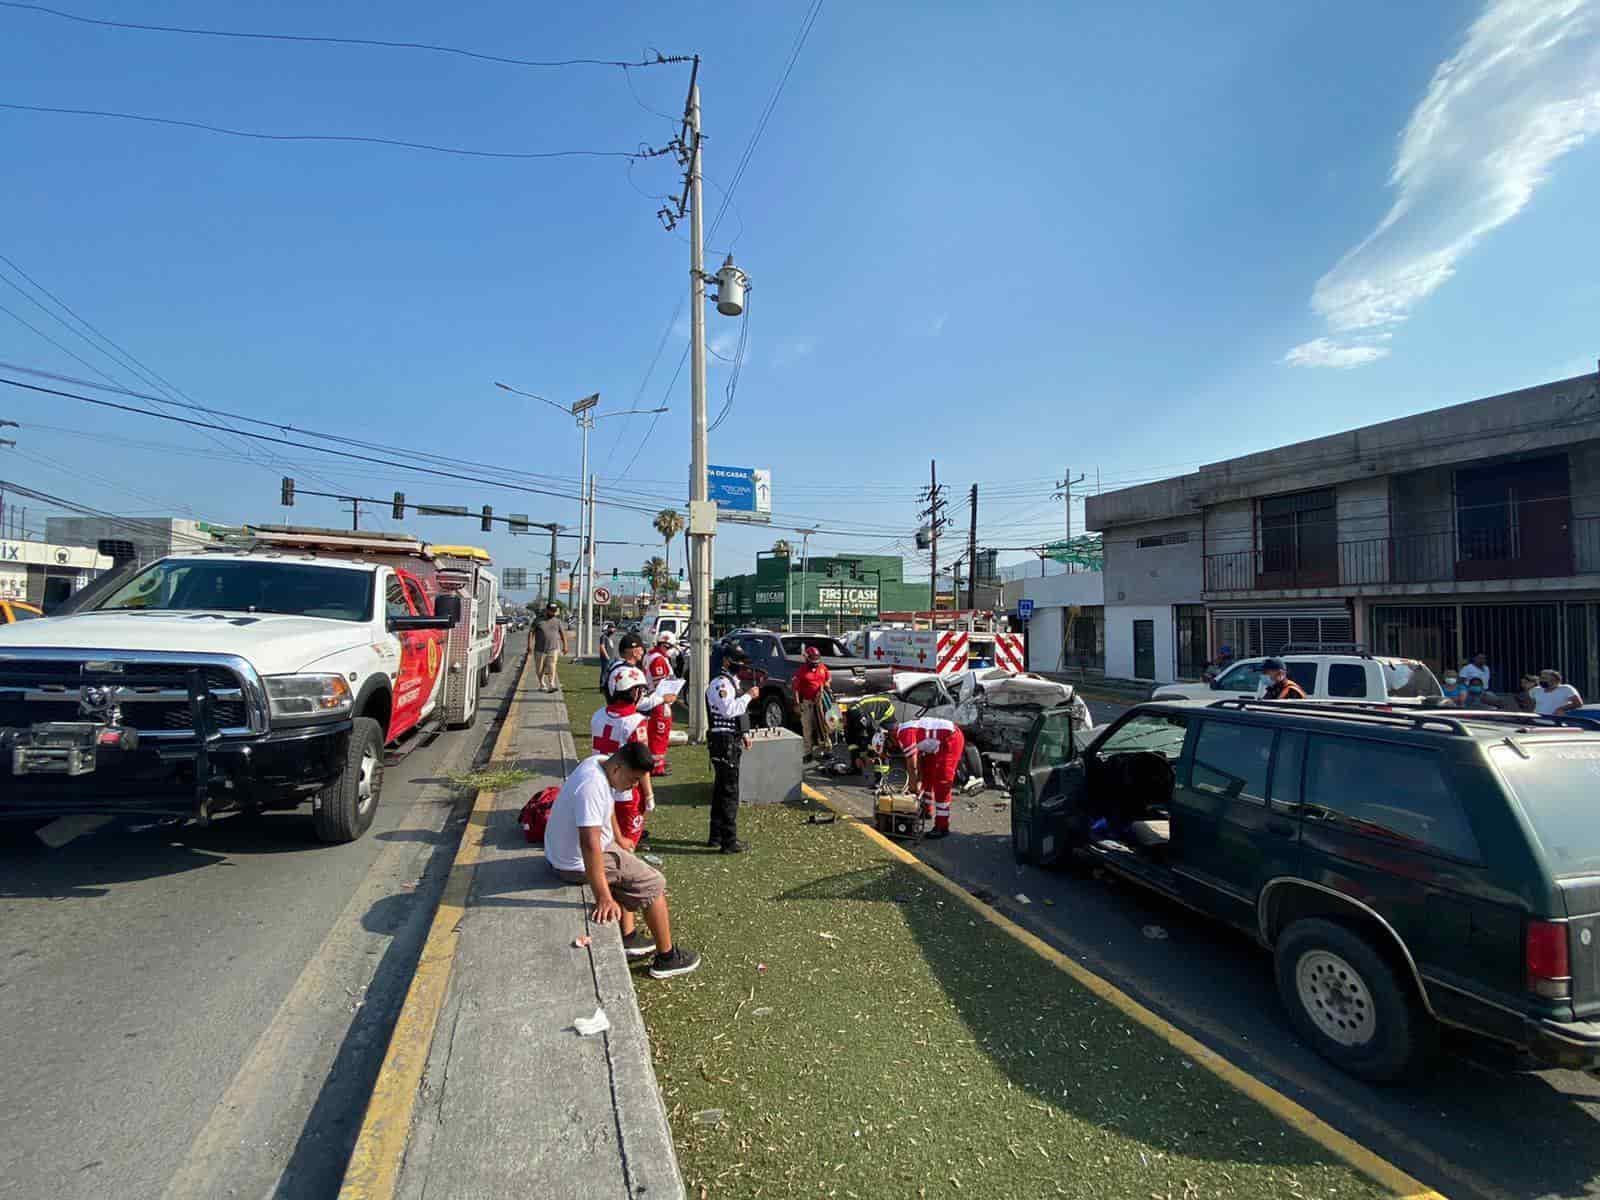 Ocasionó un choque múltiple en la avenida Ruiz Cortines, dejando un saldo de cuatro lesionados y cuantiosos daños materiales.